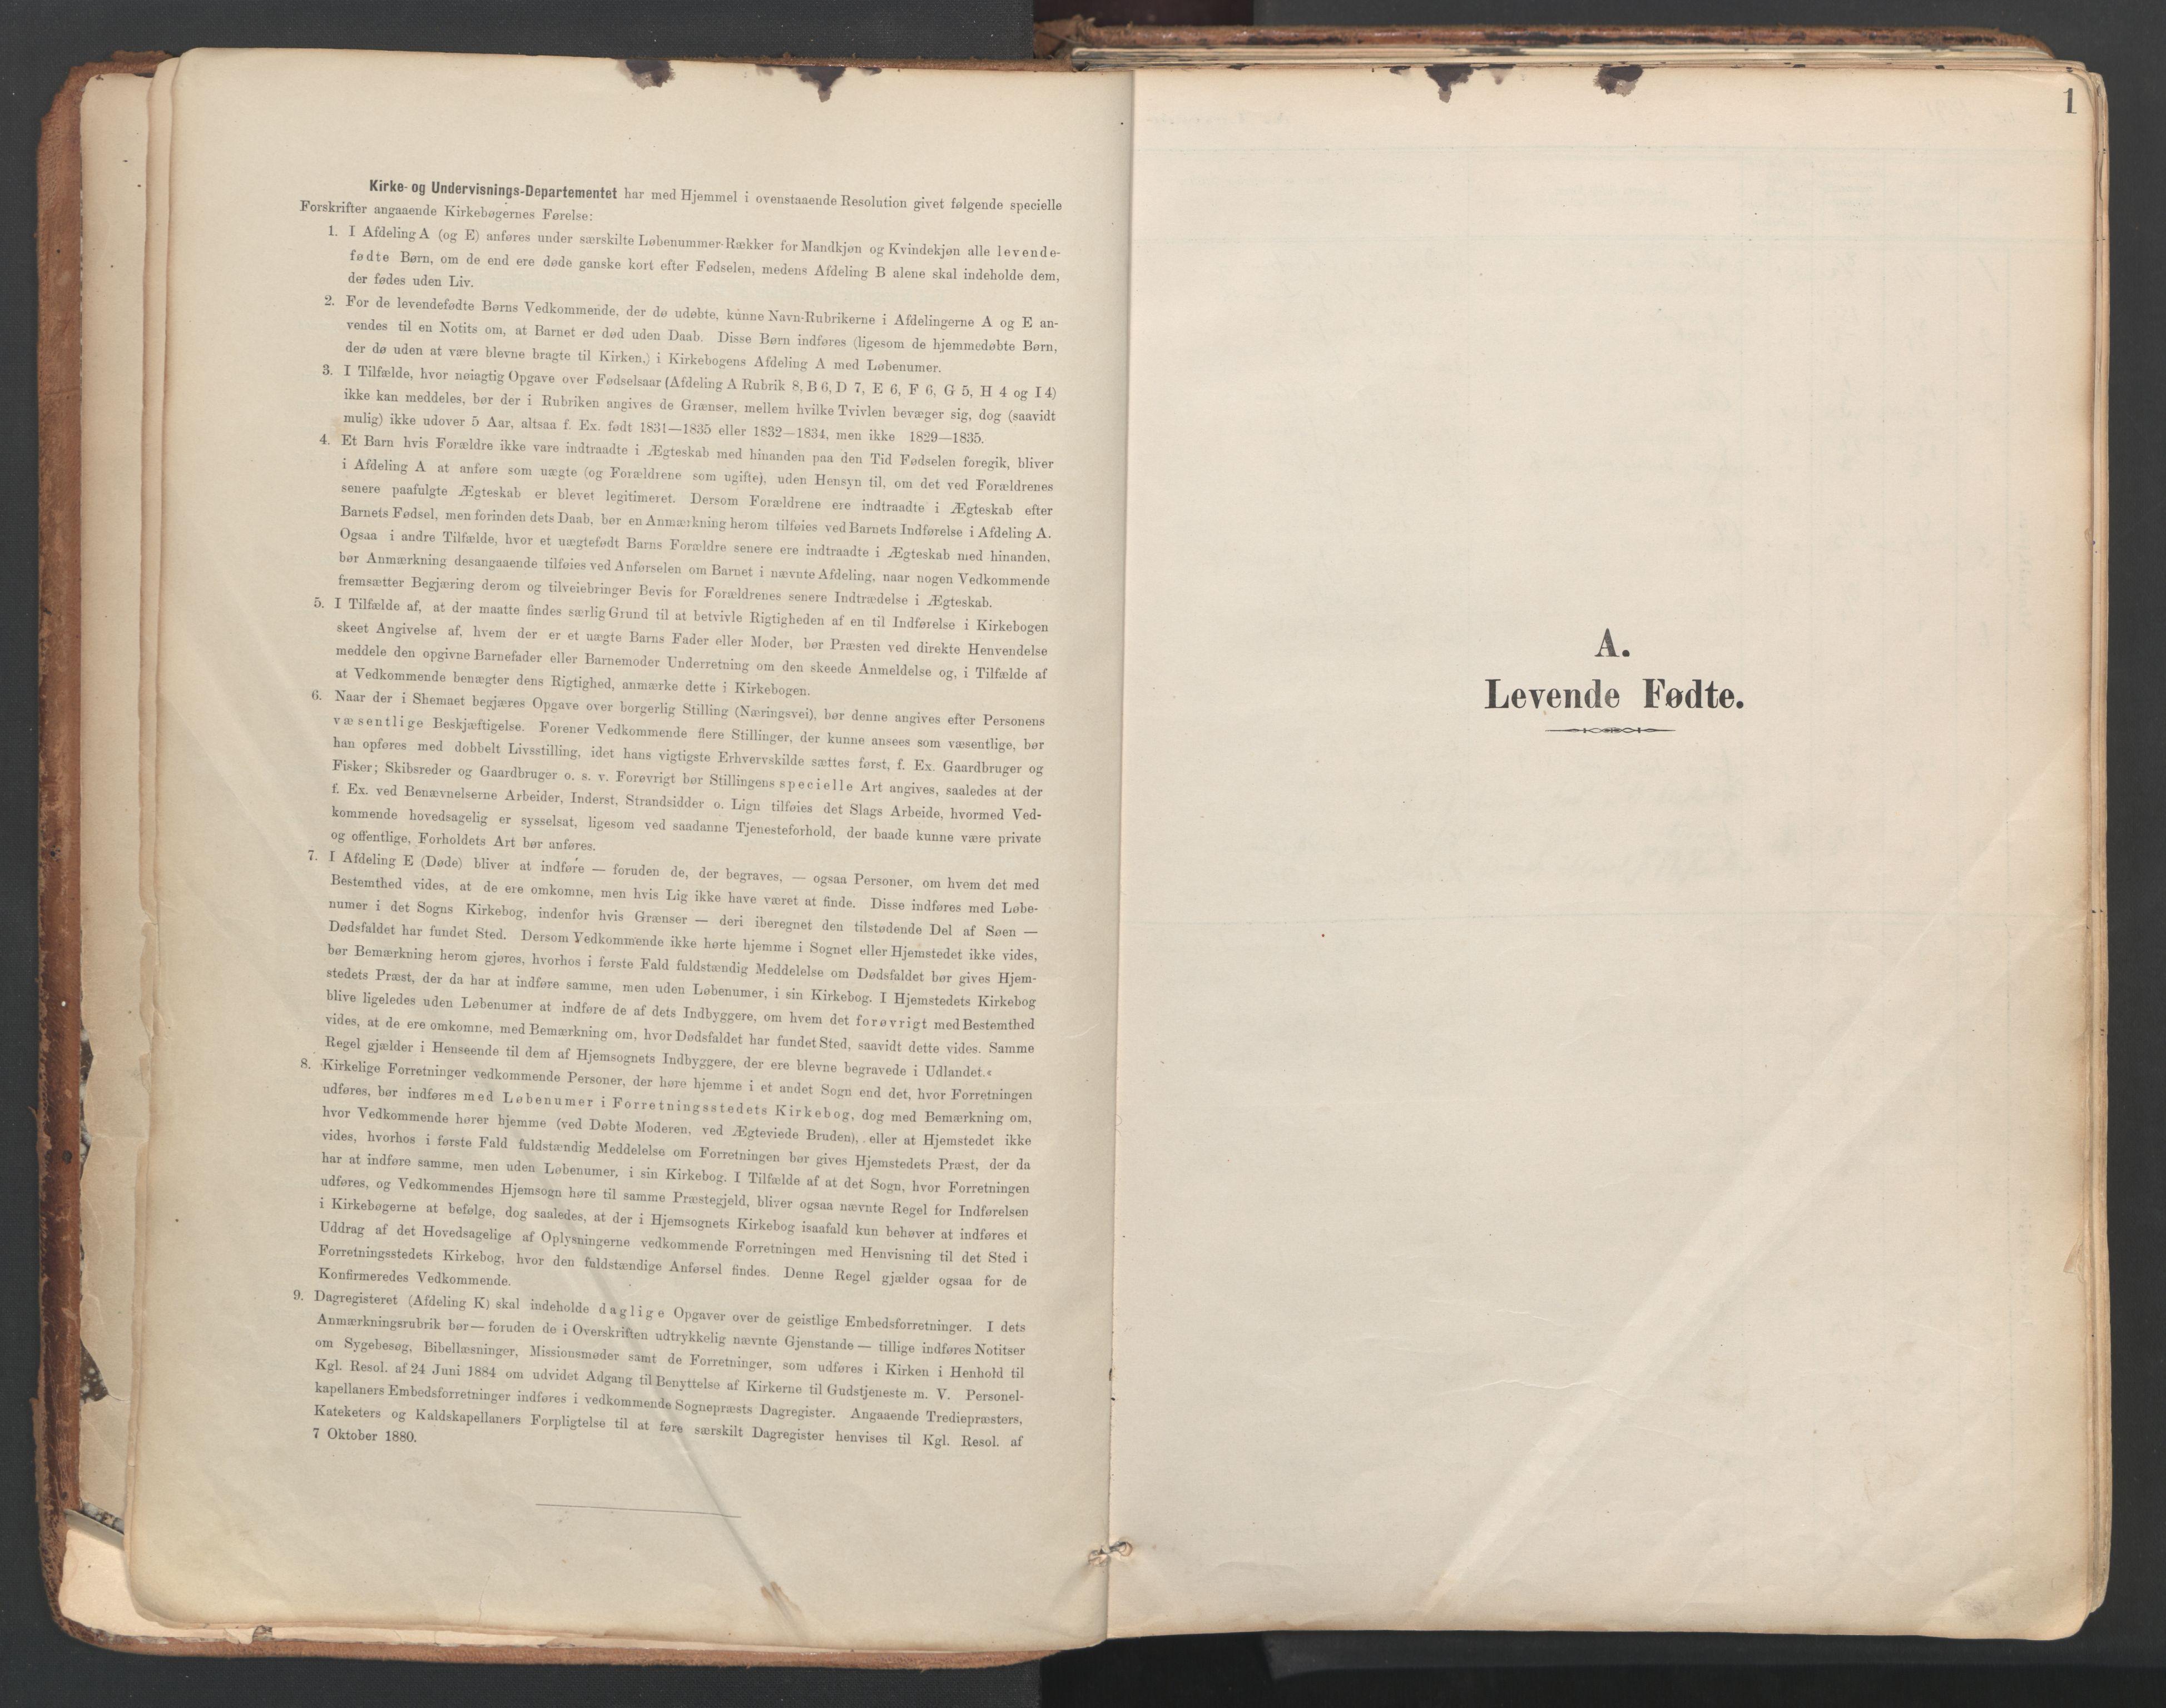 SAT, Ministerialprotokoller, klokkerbøker og fødselsregistre - Sør-Trøndelag, 687/L1004: Ministerialbok nr. 687A10, 1891-1923, s. 1